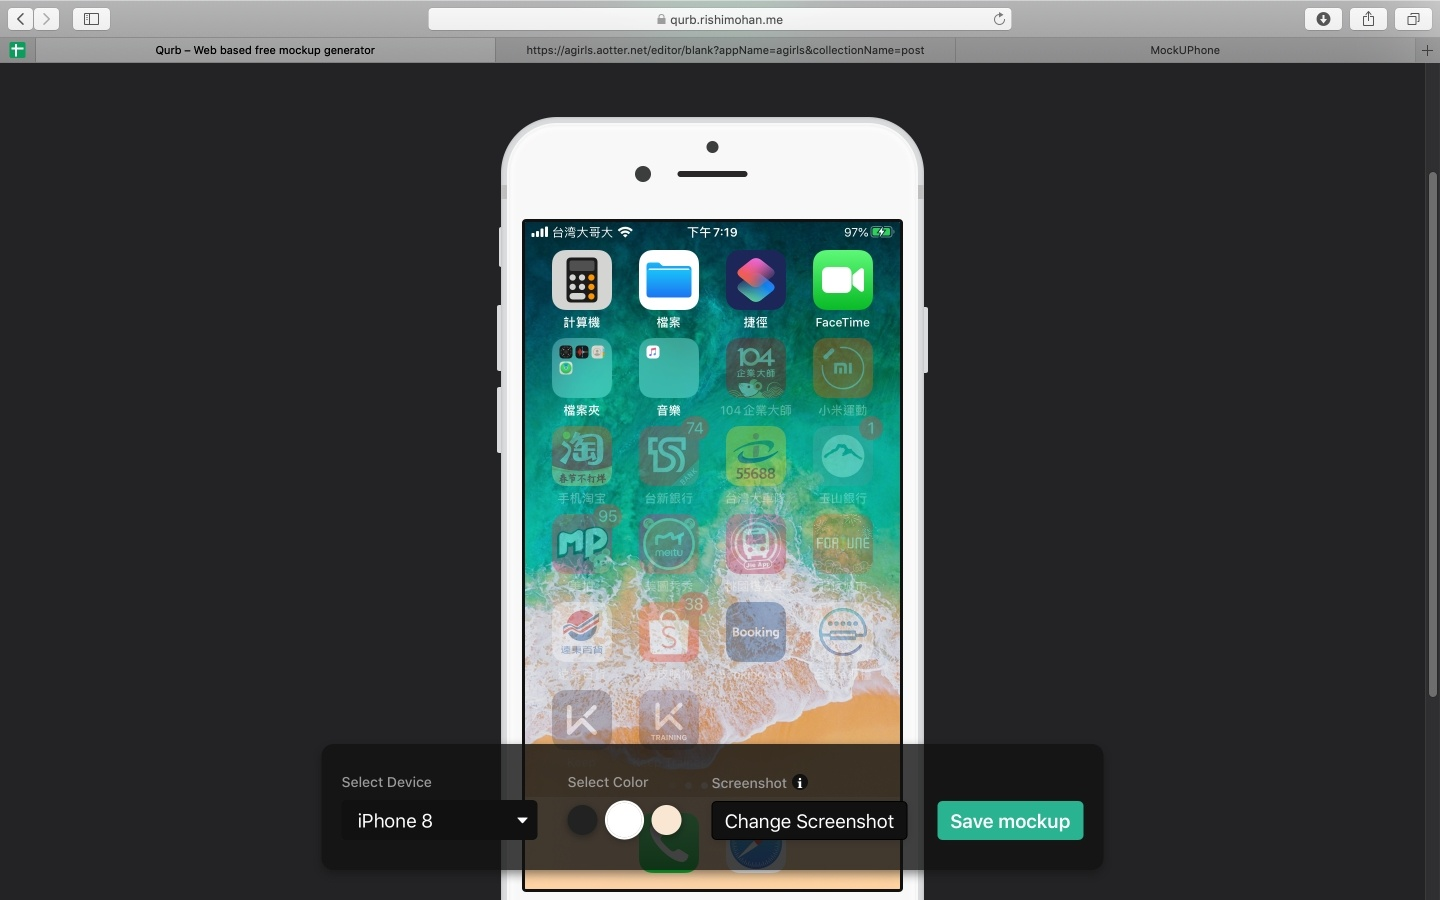 截圖怎麼添加手機外框?『 MockUPhone 』、『 Qurb 』兩個免費網站線上幫你合成!